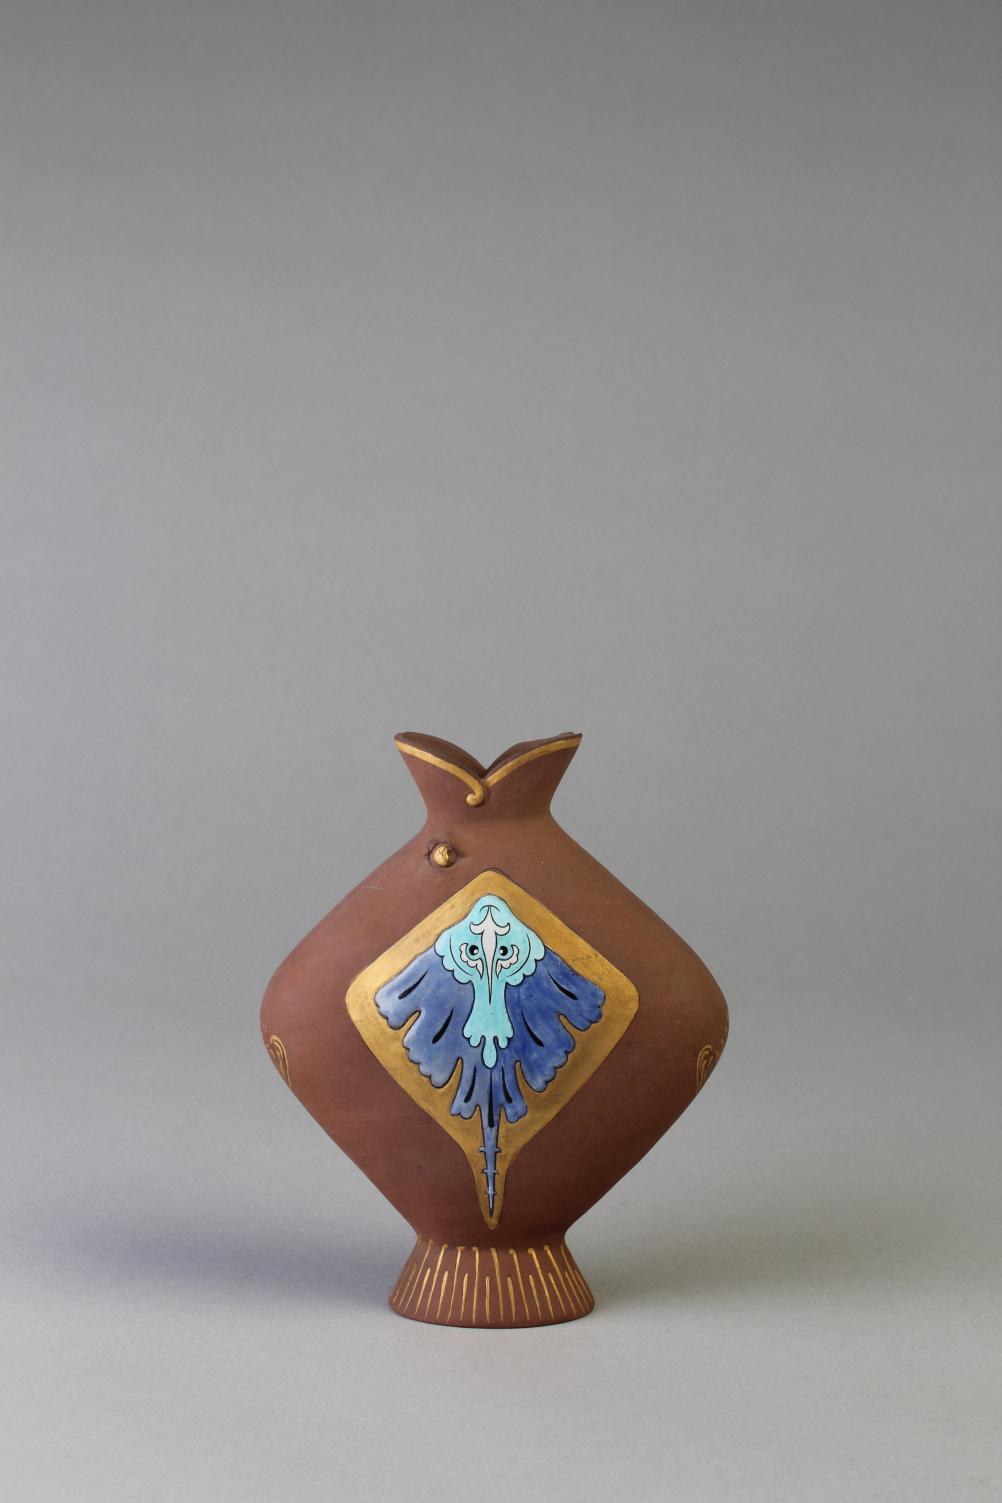 Christopher Dresser (1834-1904) Fish lip vase, c. 1965. Terracotta